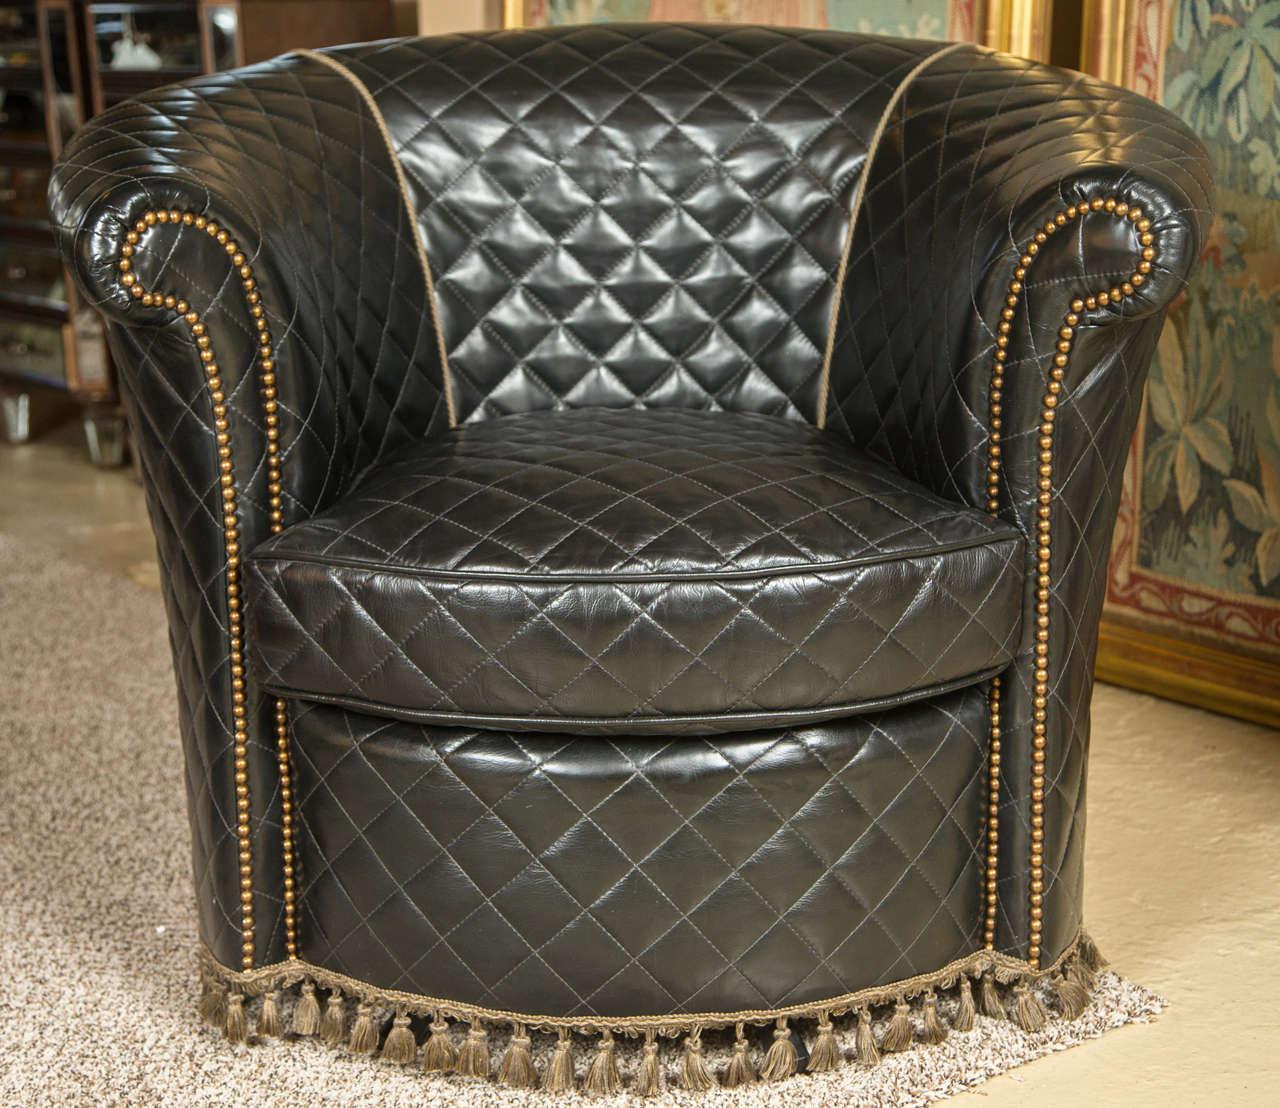 Attirant Coco Chanel Furniture Home Design Ideas And Pictures